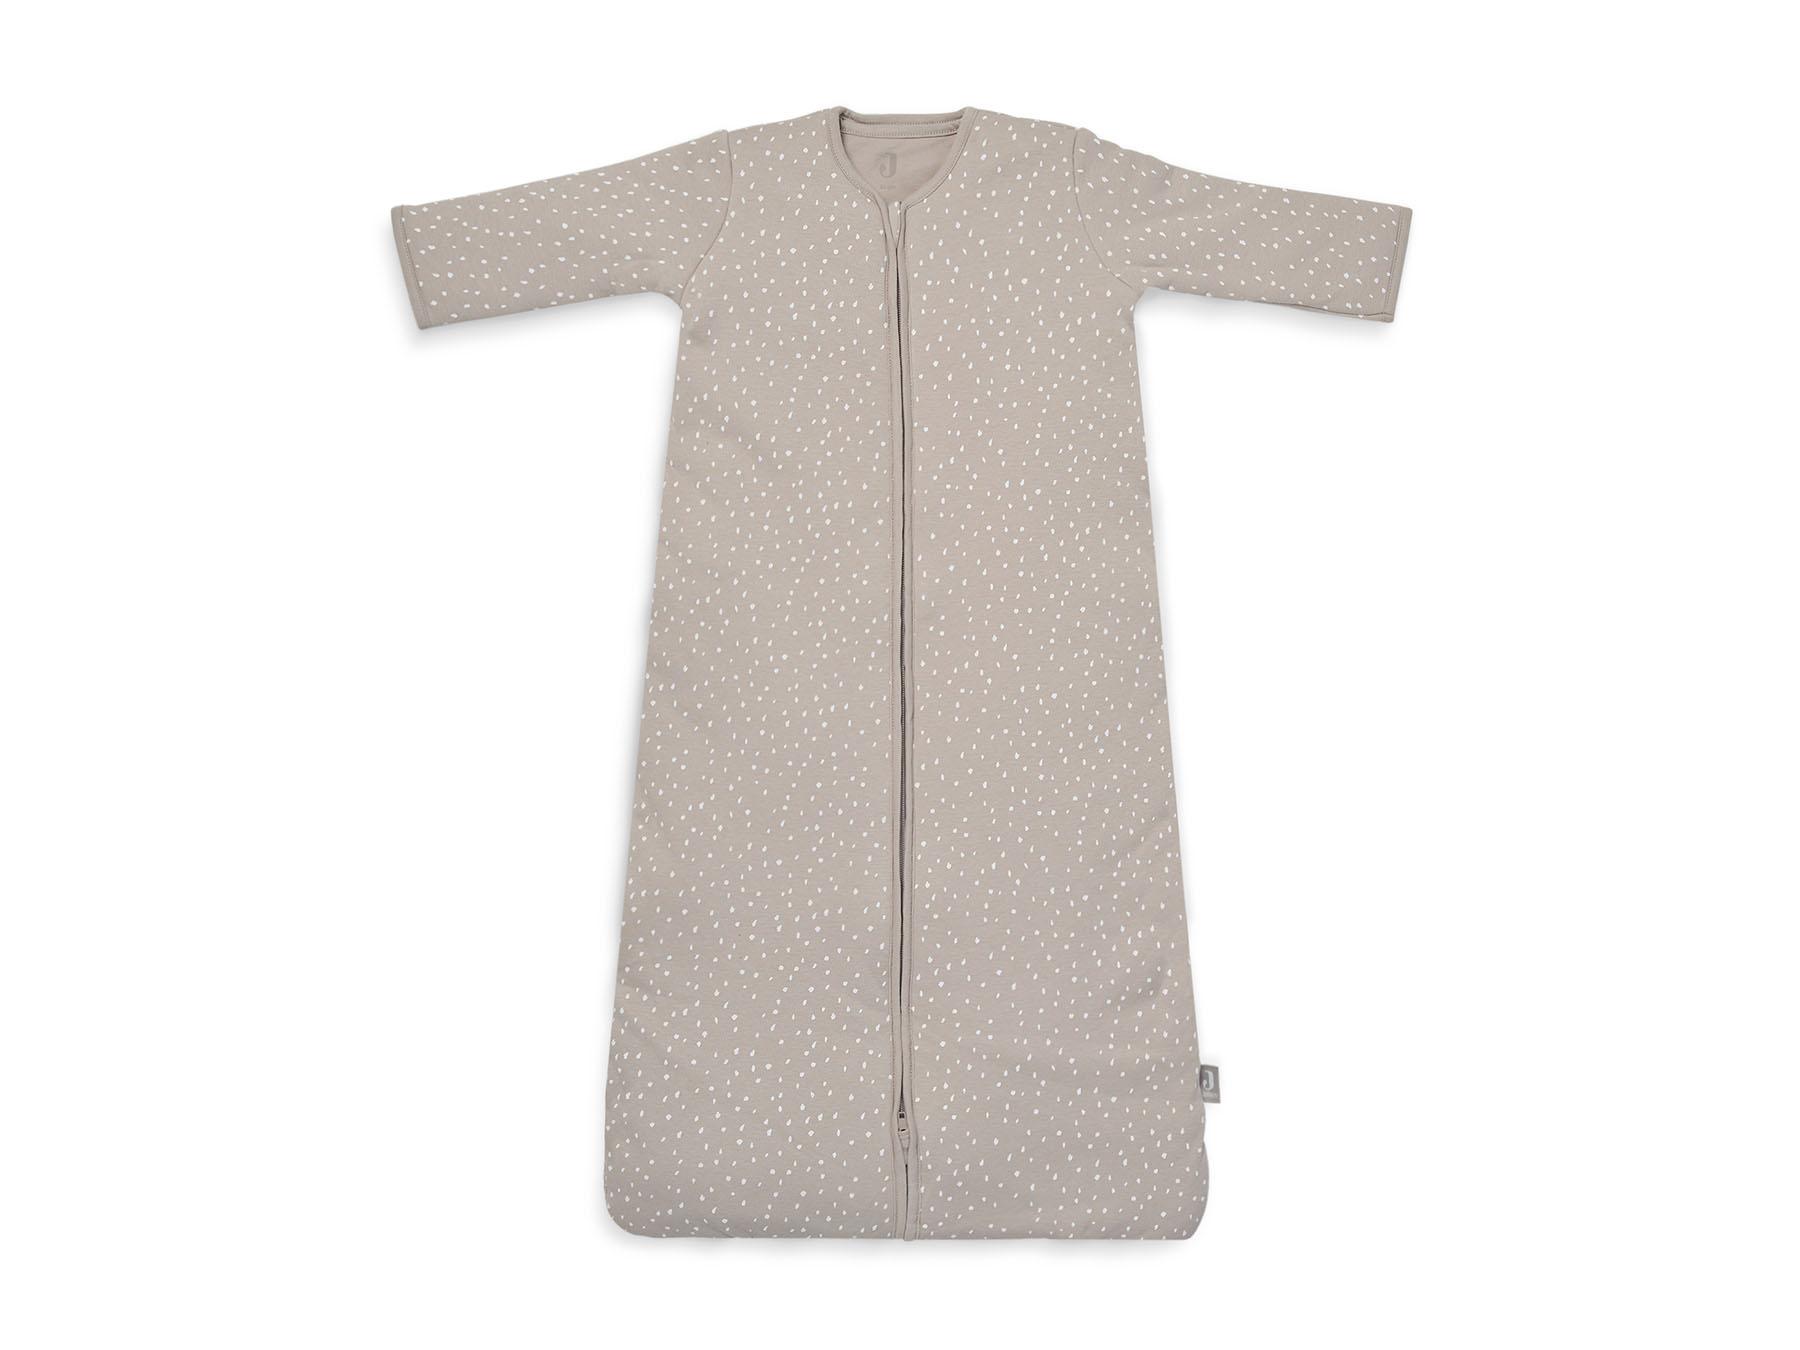 Schlafsack 4 Jahreszeiten Spickle nougat (Gr. 110 cm)